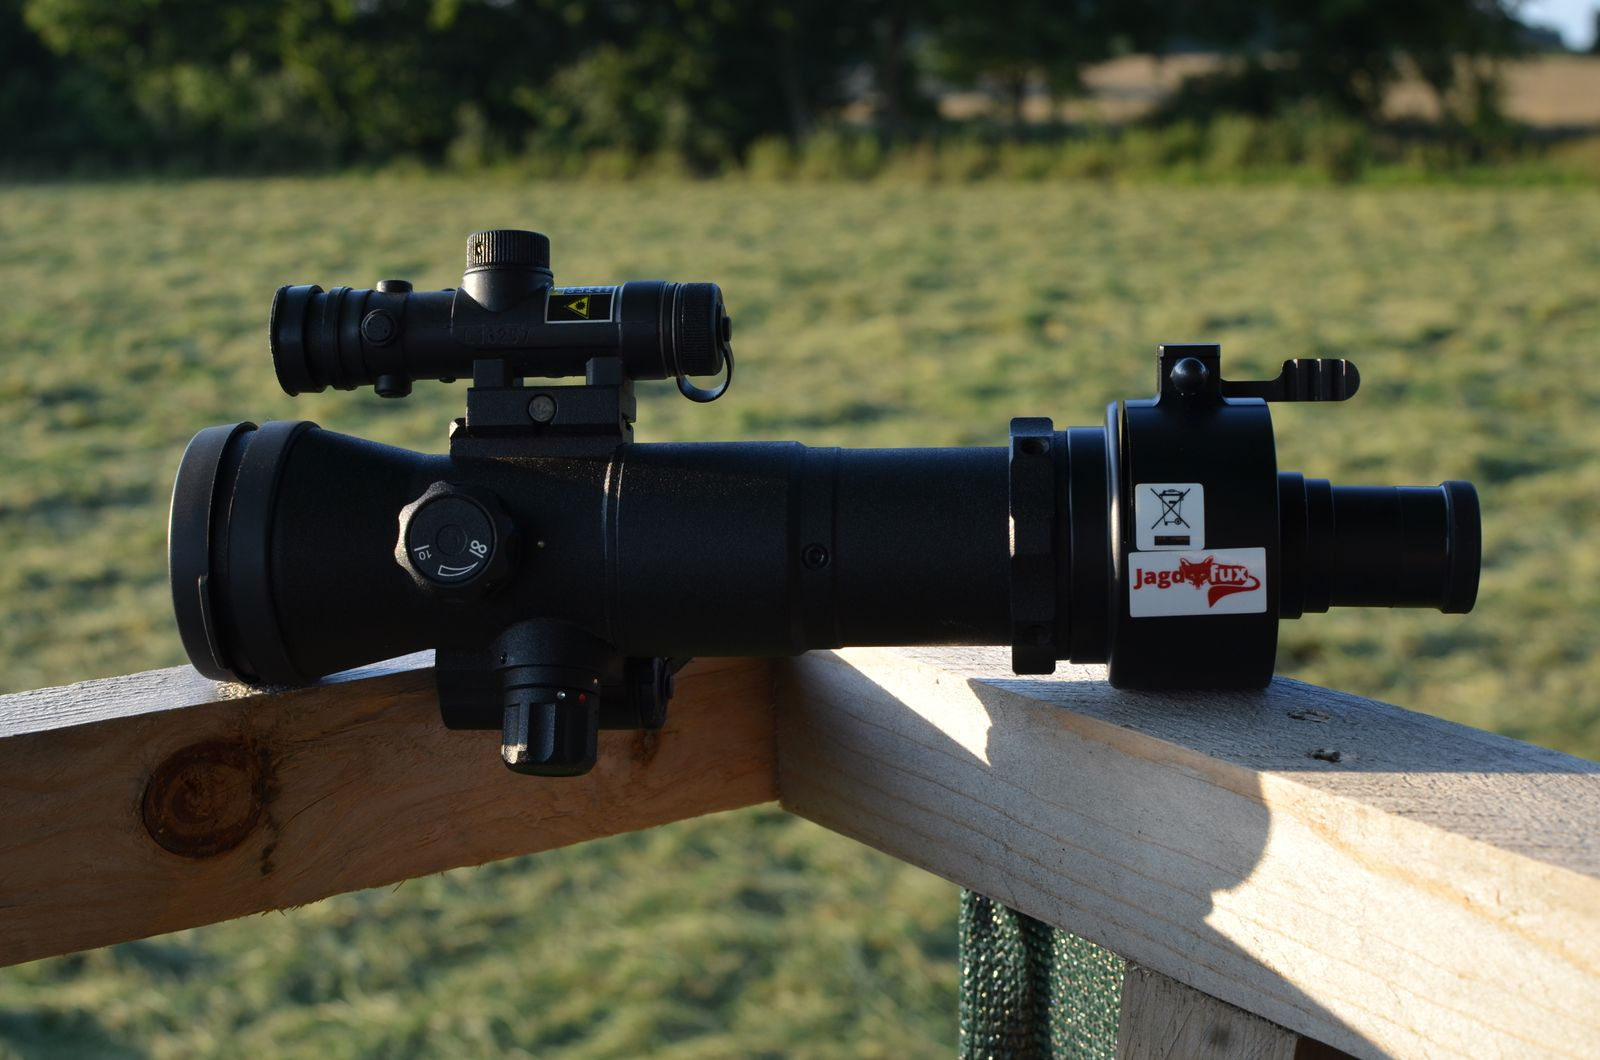 Jagdverband fordert diskussion über Änderung zum waffengesetz für